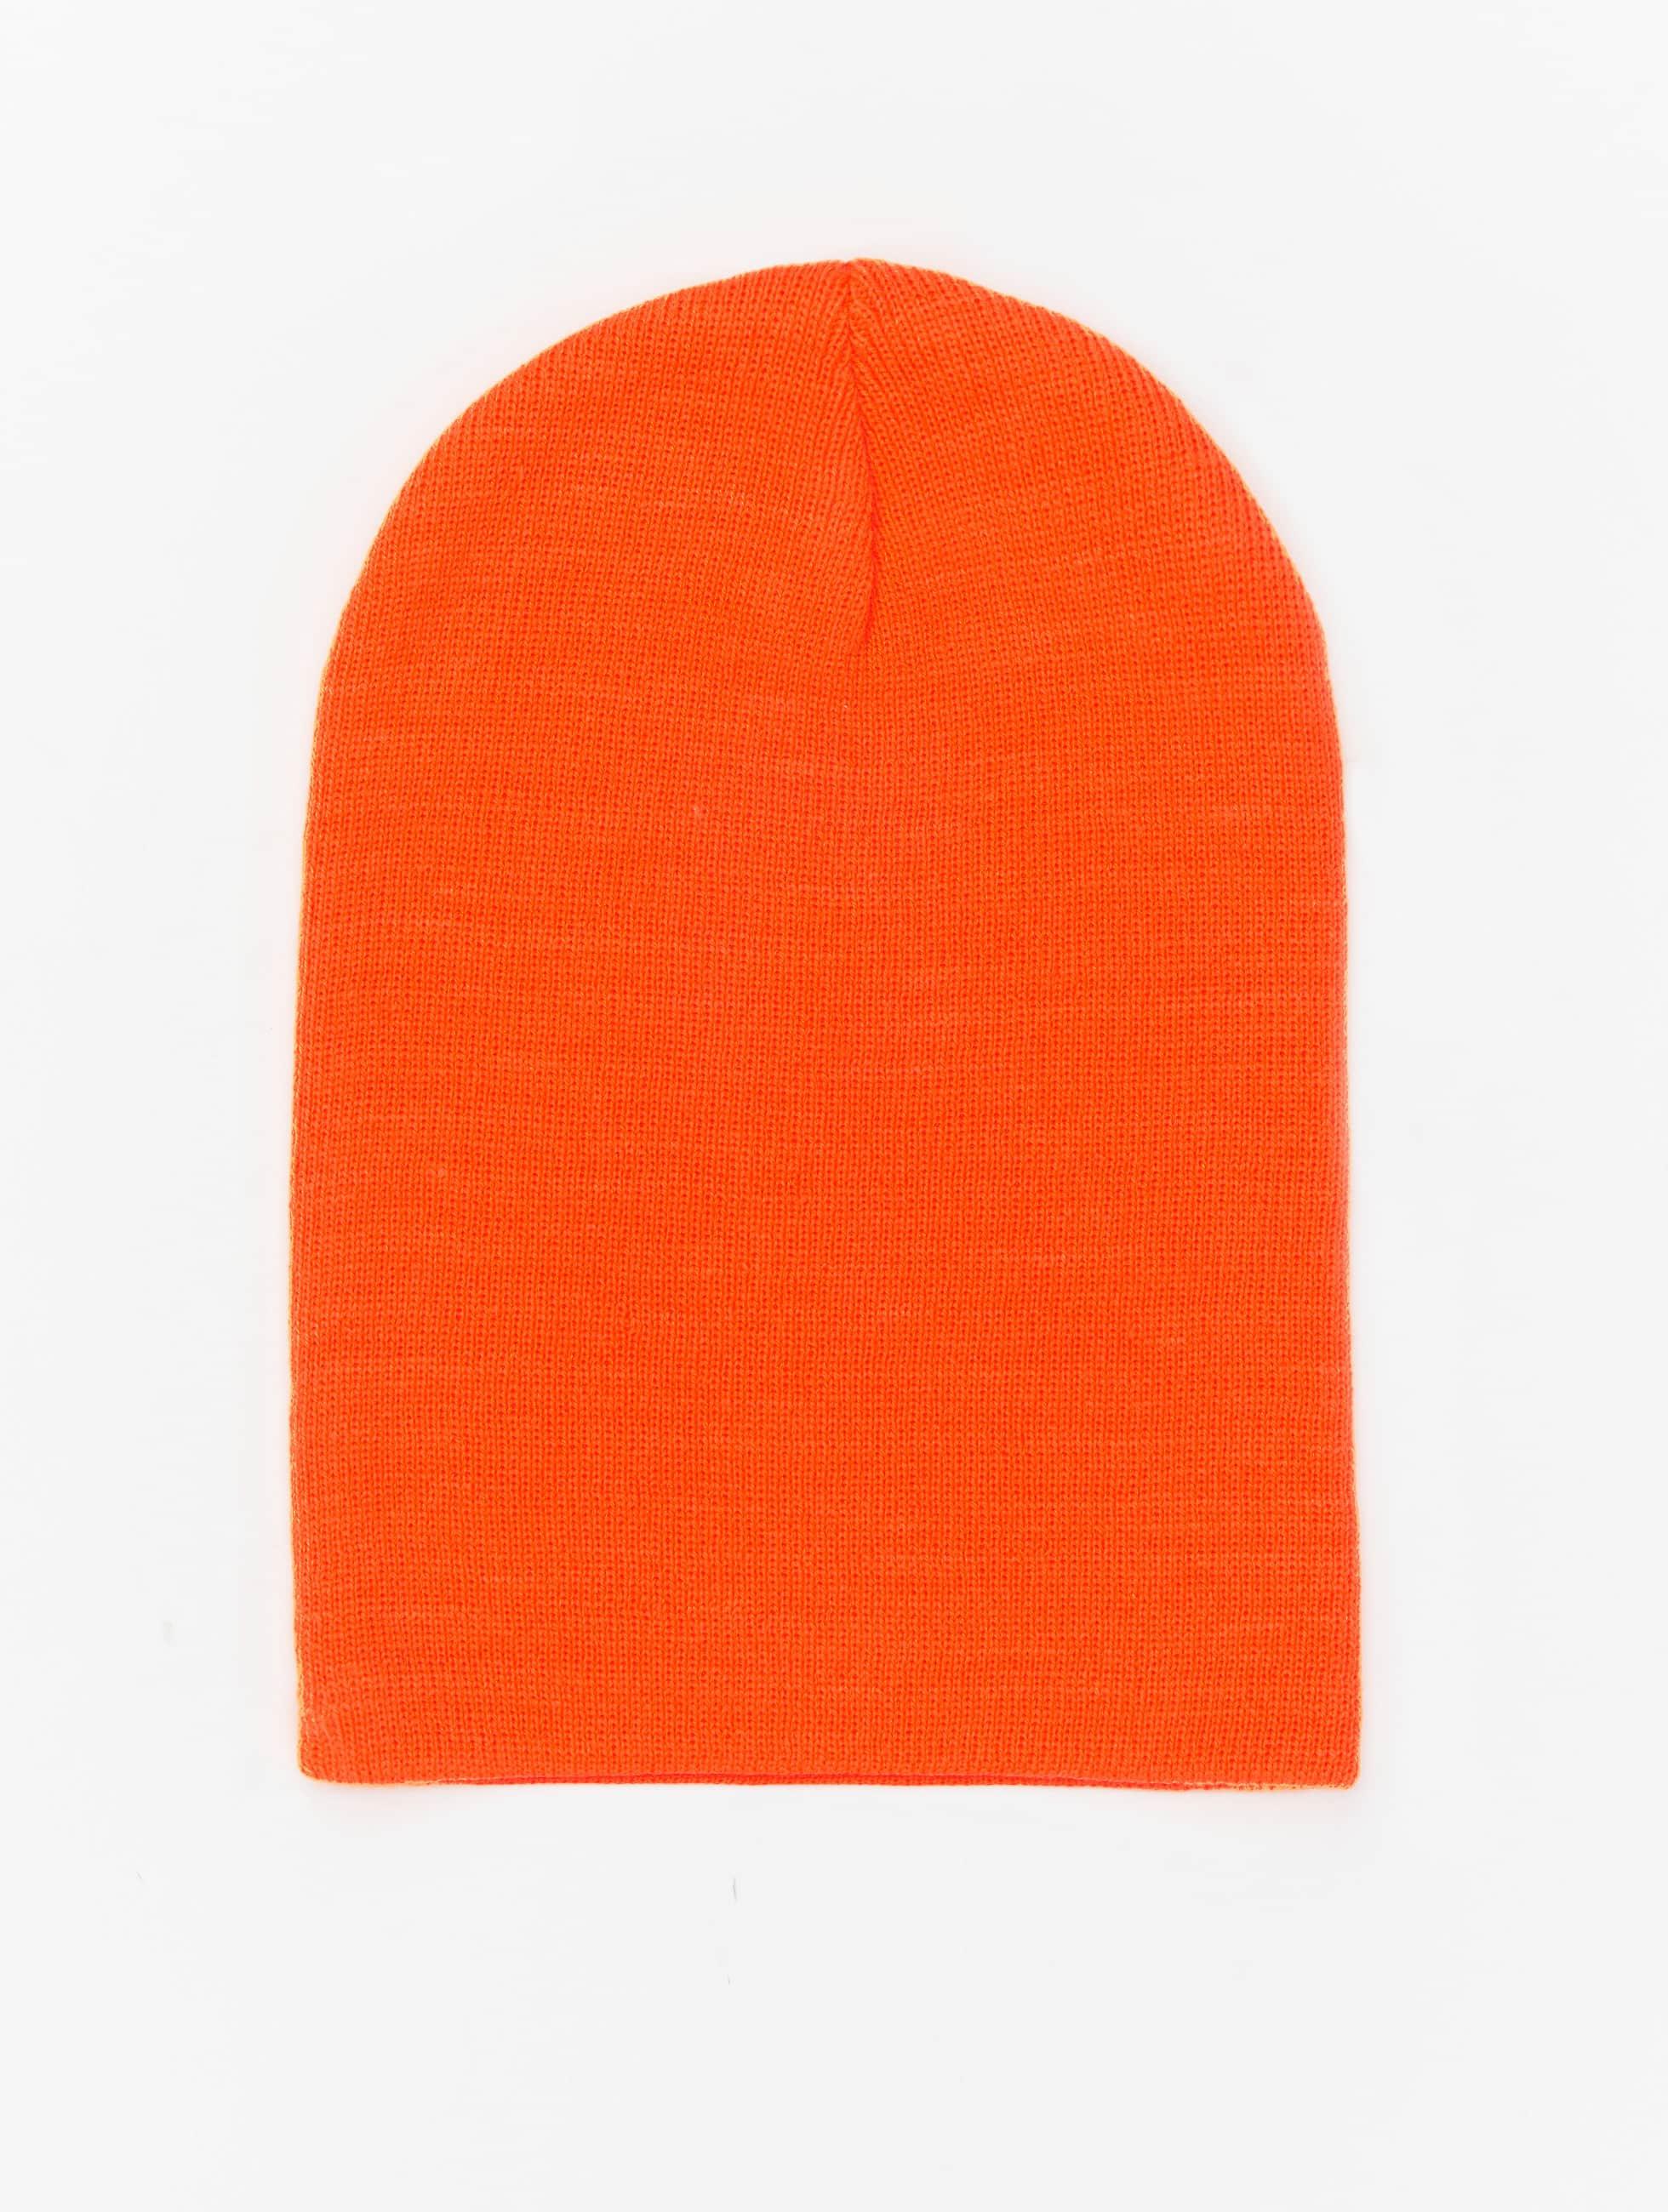 MSTRDS шляпа Basic Flap оранжевый